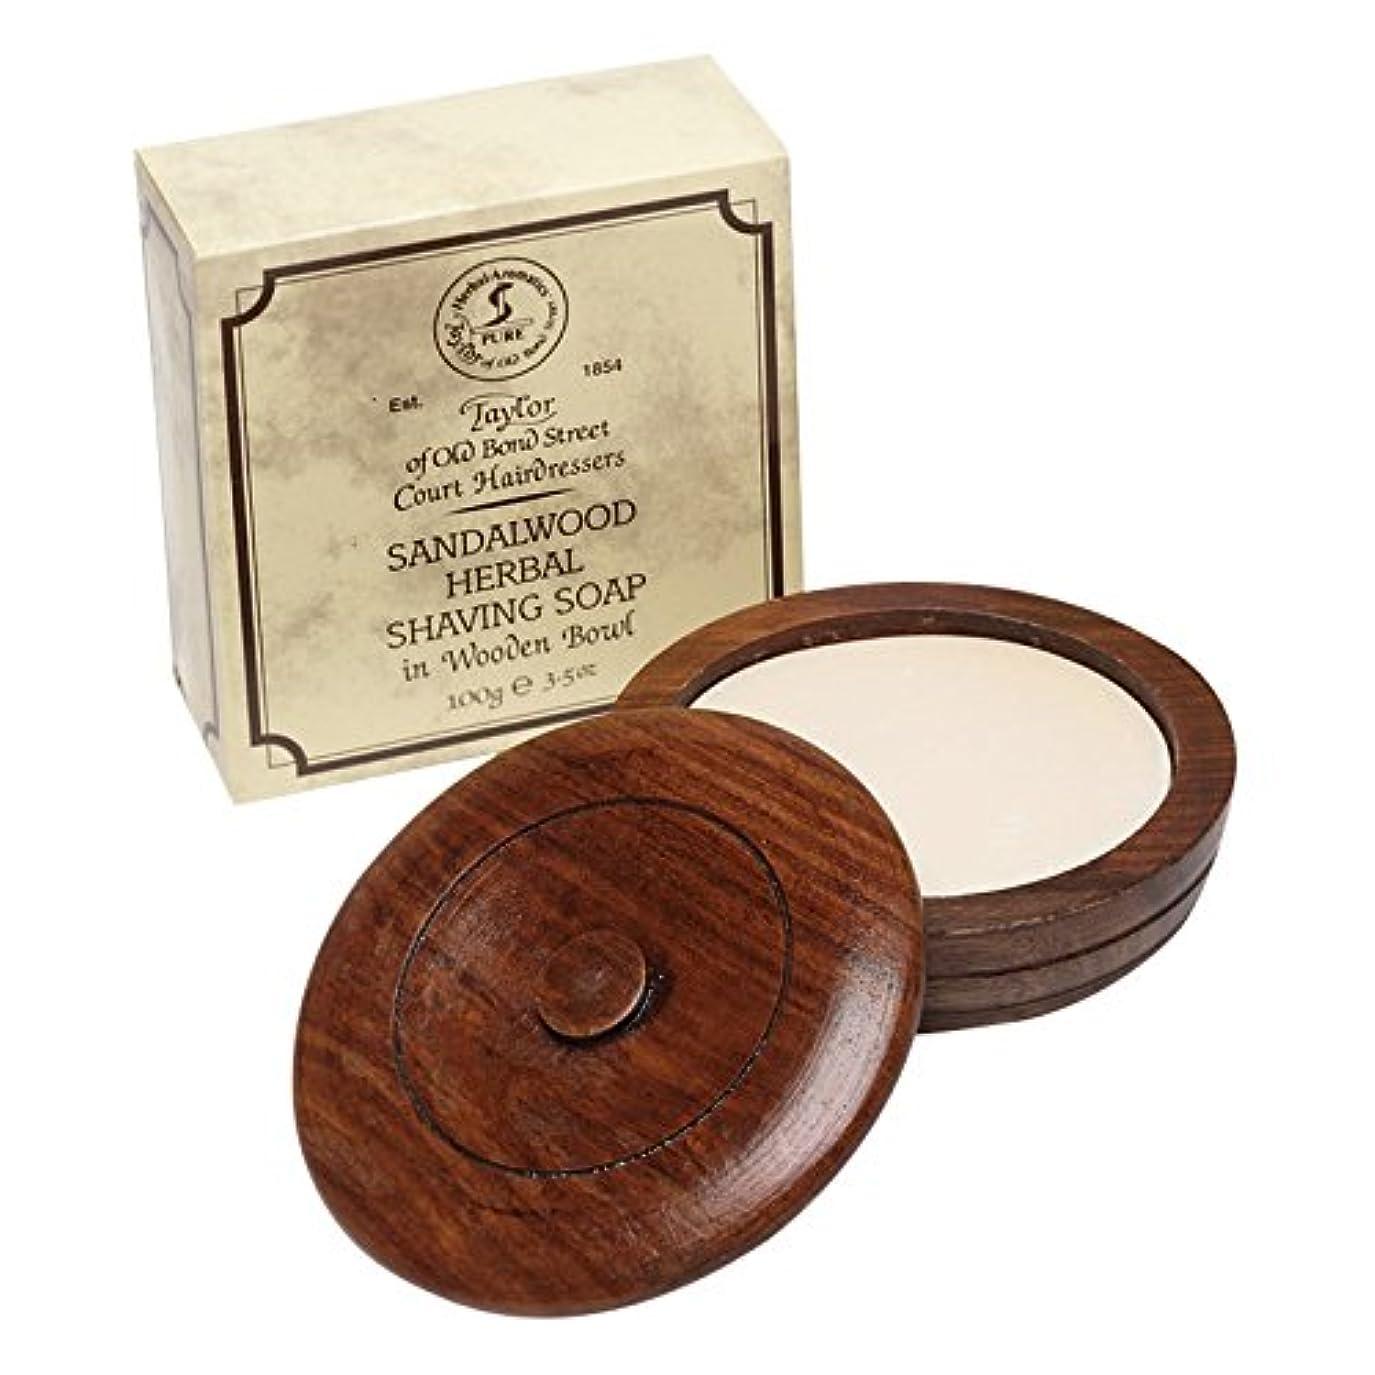 水平クリップ蝶サービス木製のボウル100グラム古いボンド?ストリート白檀シェービングソープのテイラー (Taylor of Old Bond Street) (x2) - Taylor of Old Bond Street Sandalwood Shaving Soap with Wooden Bowl 100g (Pack of 2) [並行輸入品]